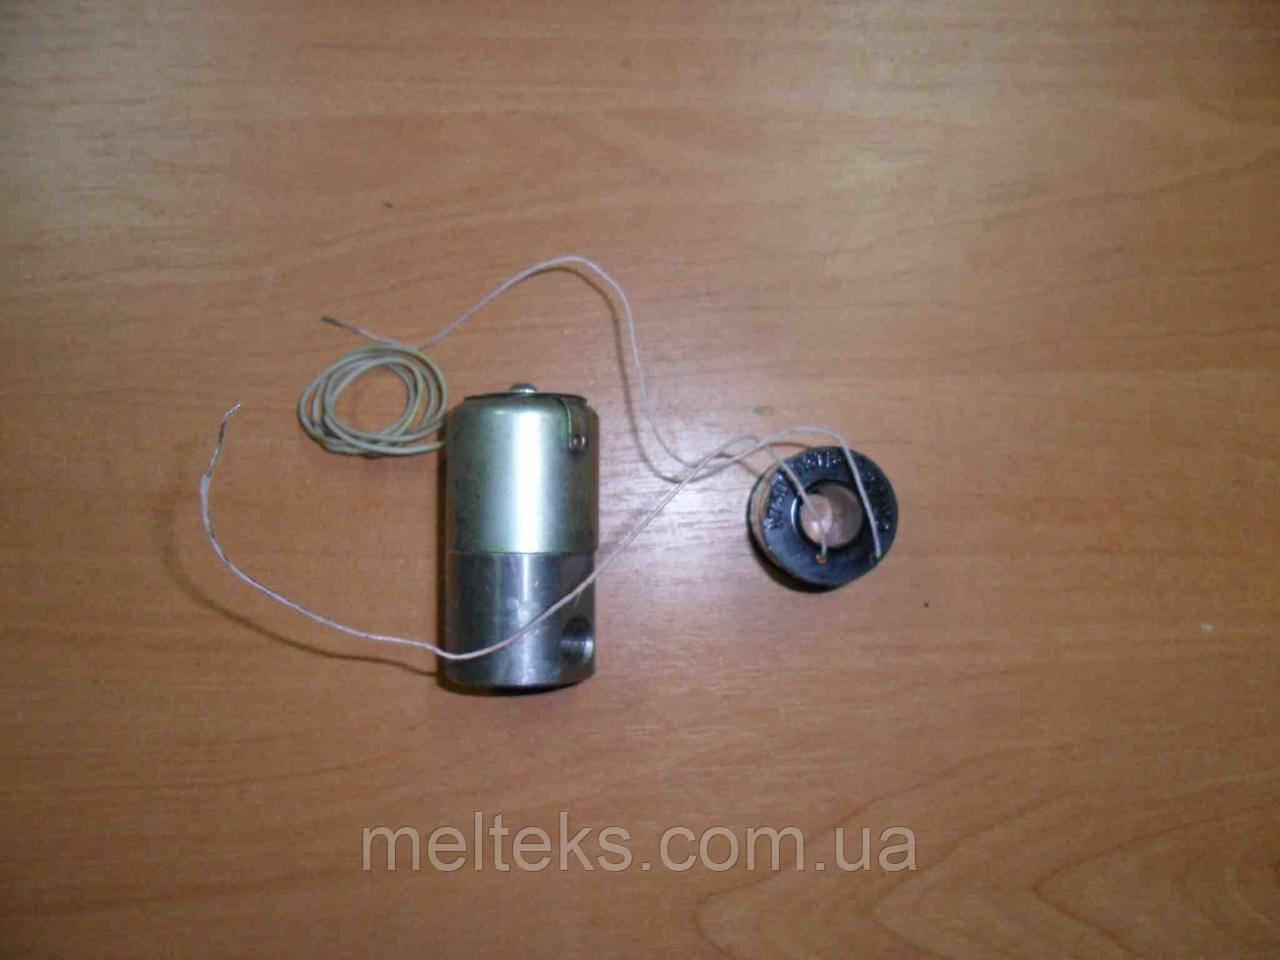 Клапан СКН-2, СКН-2М, СКР-2, катушка СКН-2